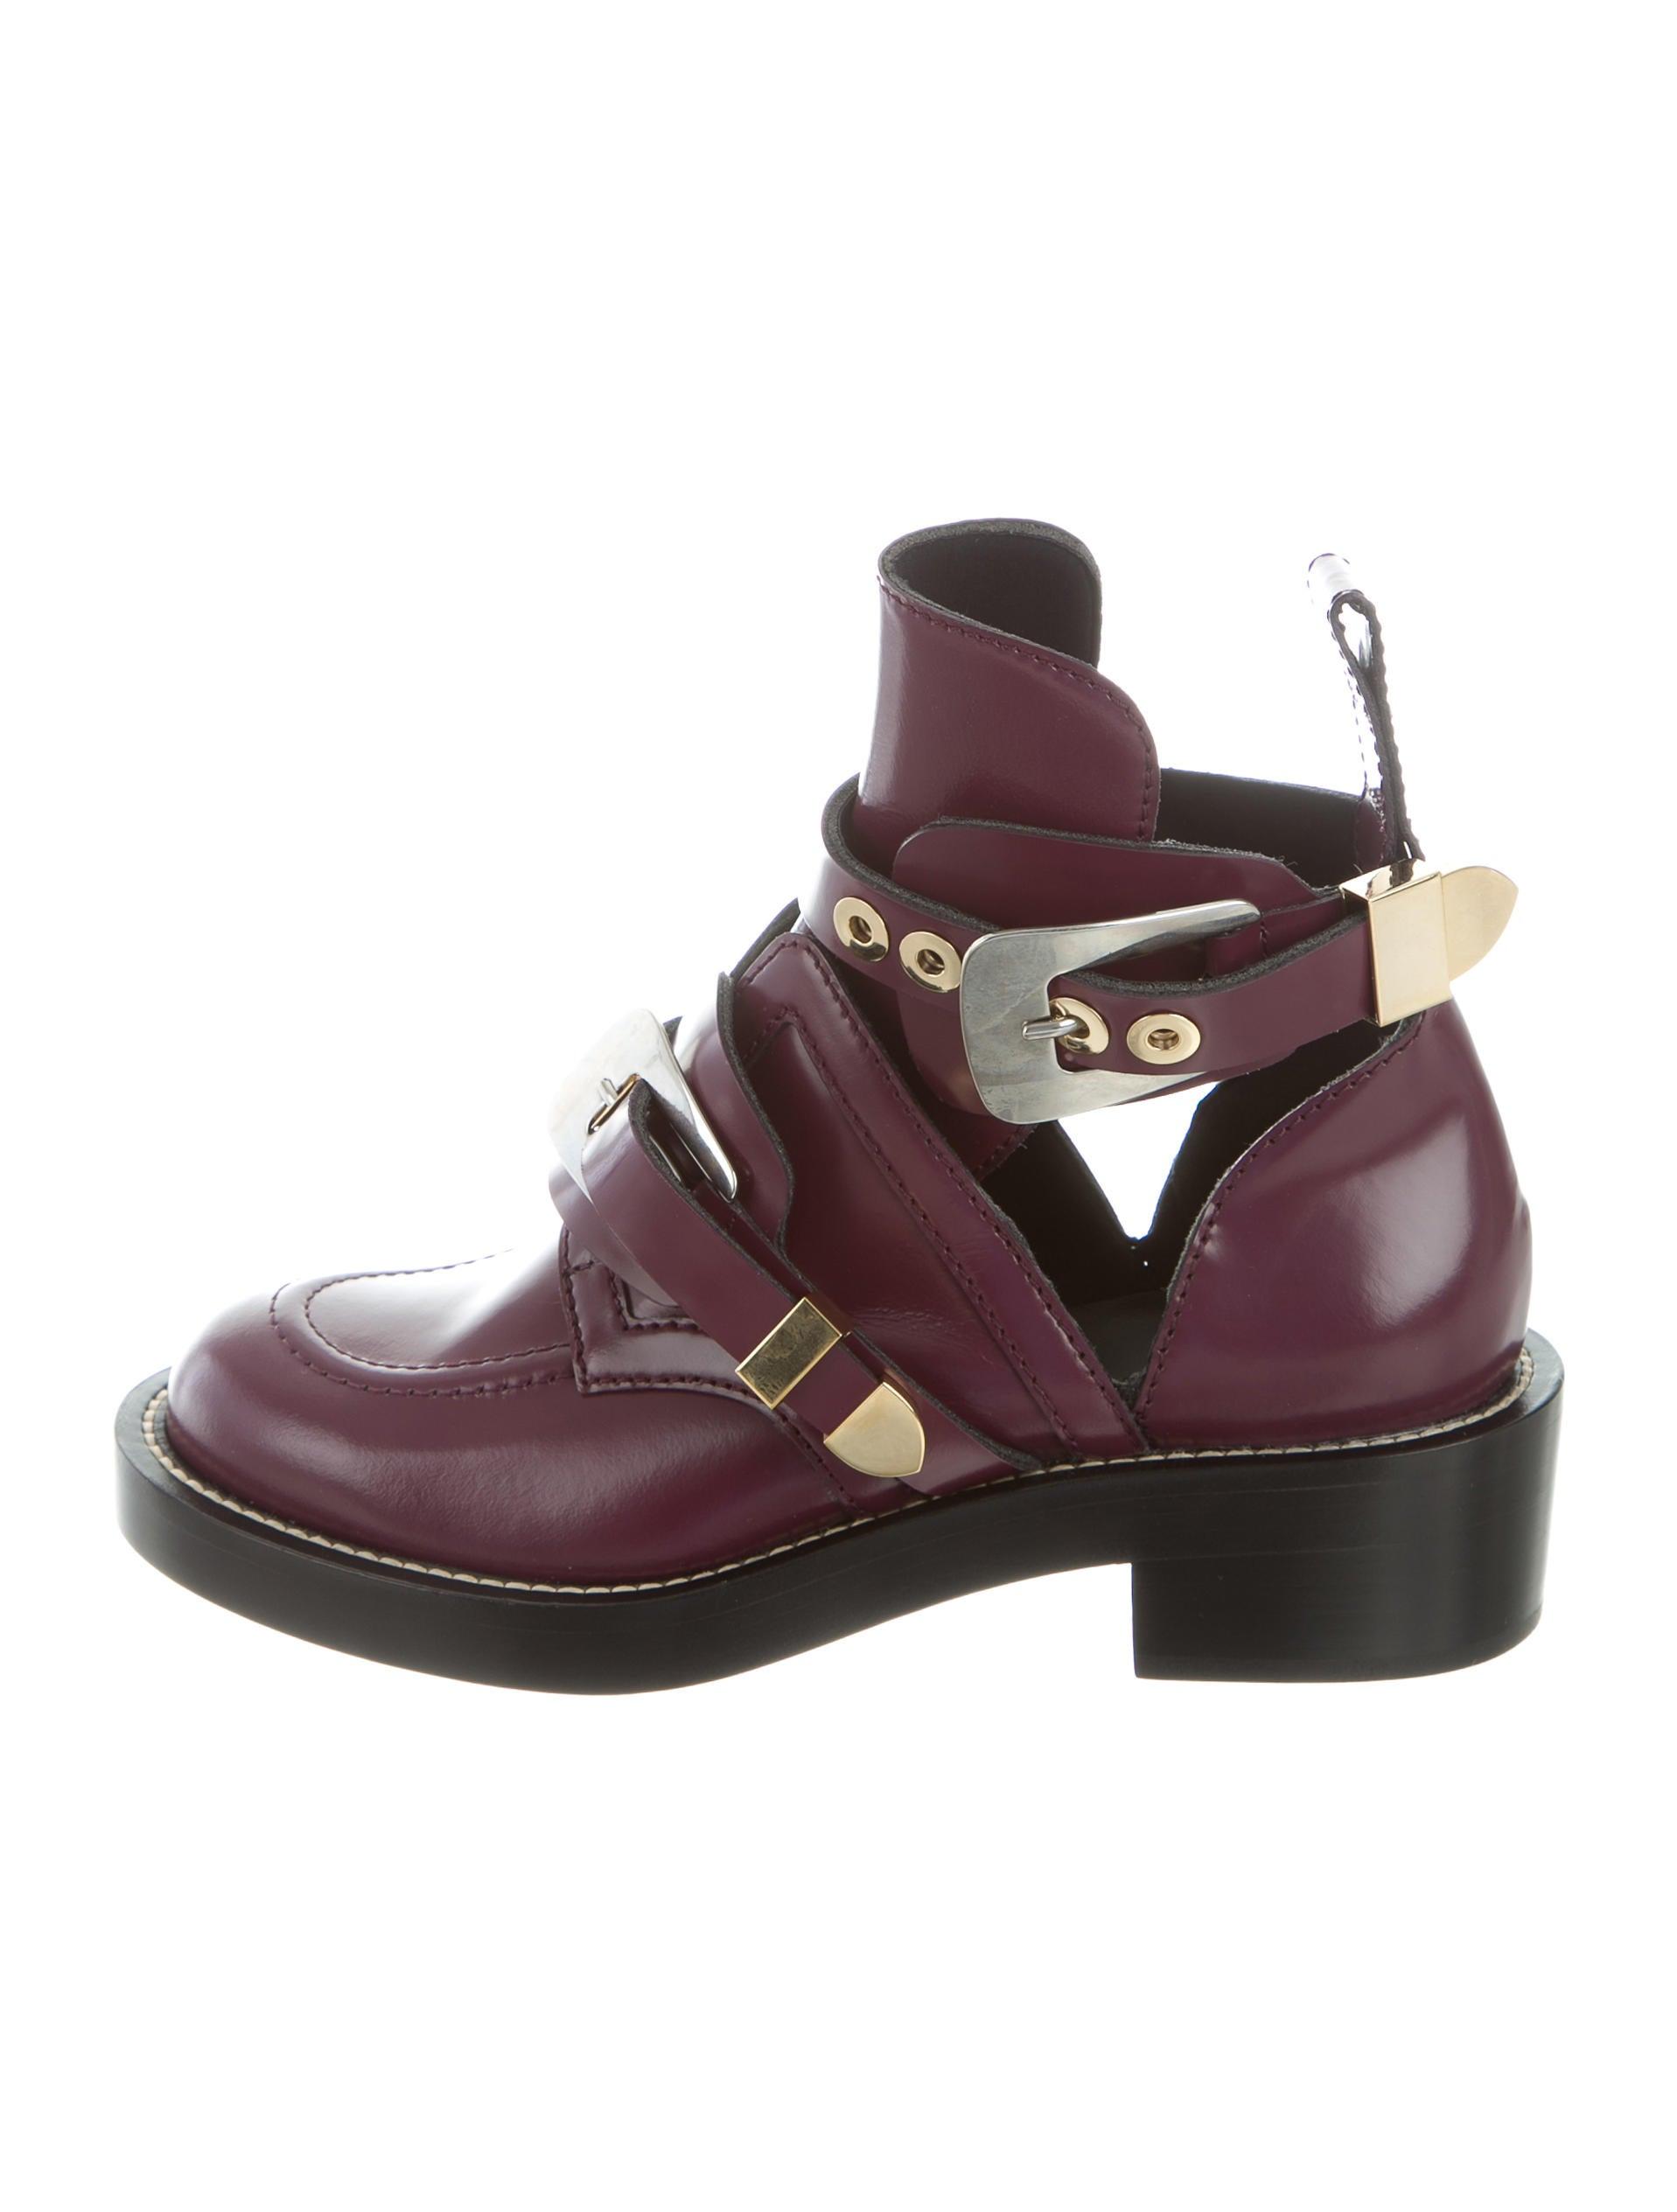 recherche de liquidation taille 40 vente discount Balenciaga Ceinture Ankle Boots w/ Tags - Shoes - BAL54958 ...